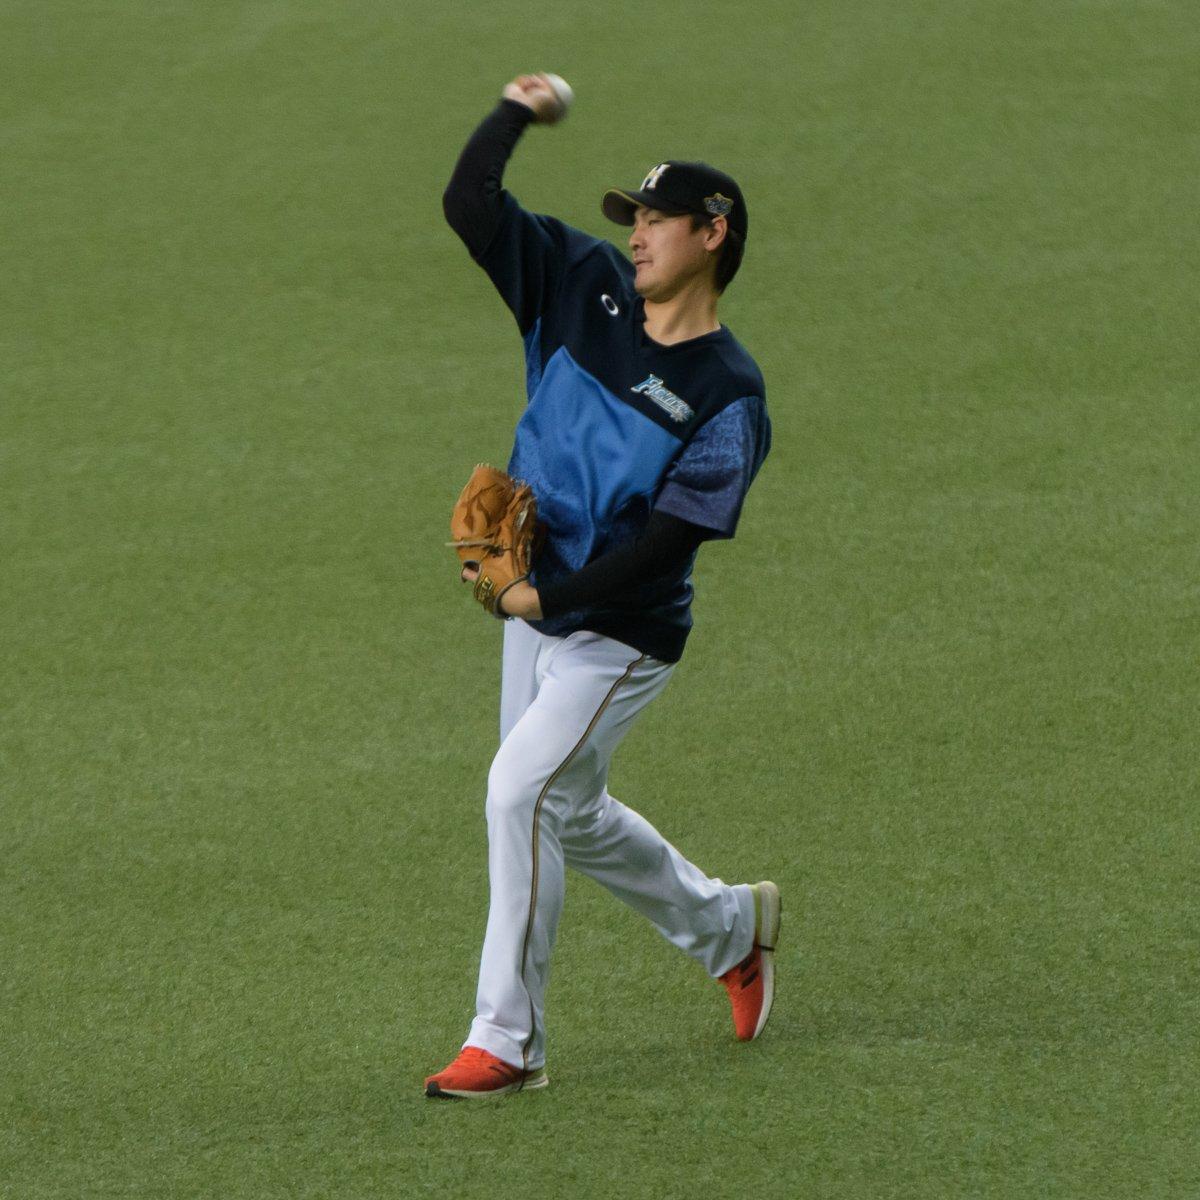 2019/4/17 北海道日本ハムファイターズ 有原航平投手 #北海道日本ハムファイターズ #有原航平 #オリックスバファローズ #京セラドーム大阪 #野球 #baseball